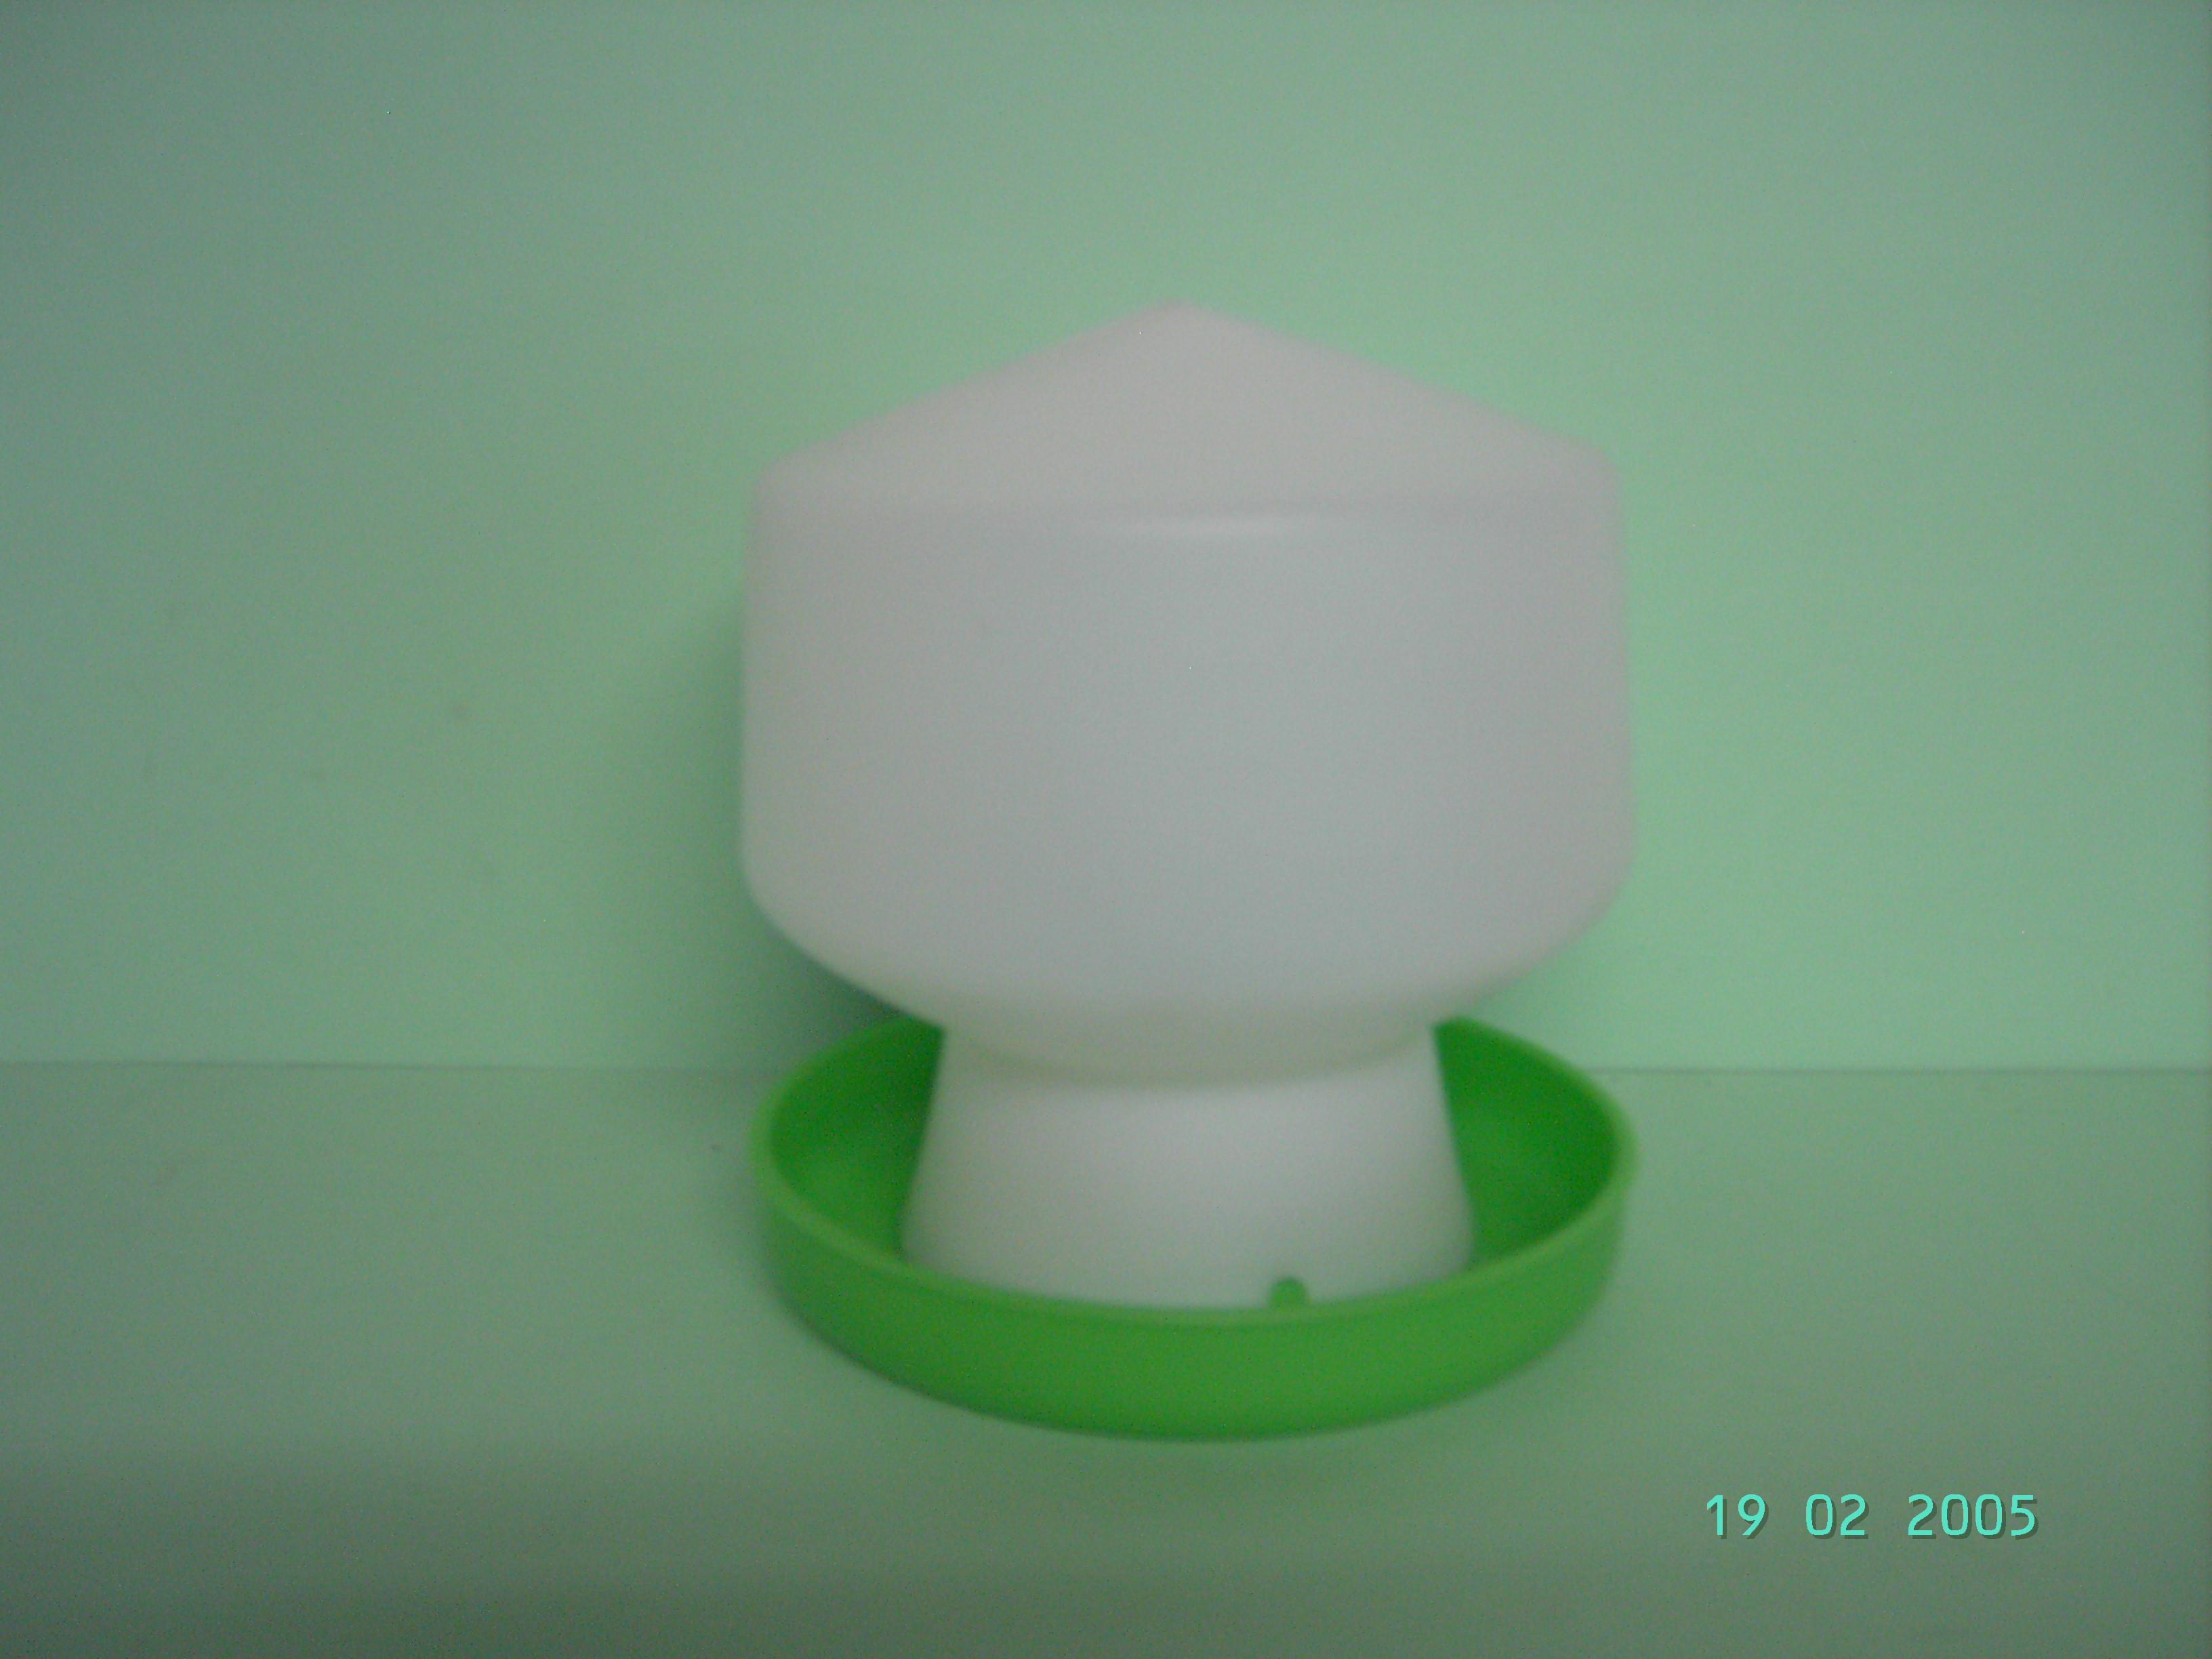 Kükentränke, Oberteil weiß Unterteil grün. 0,6 liter ...